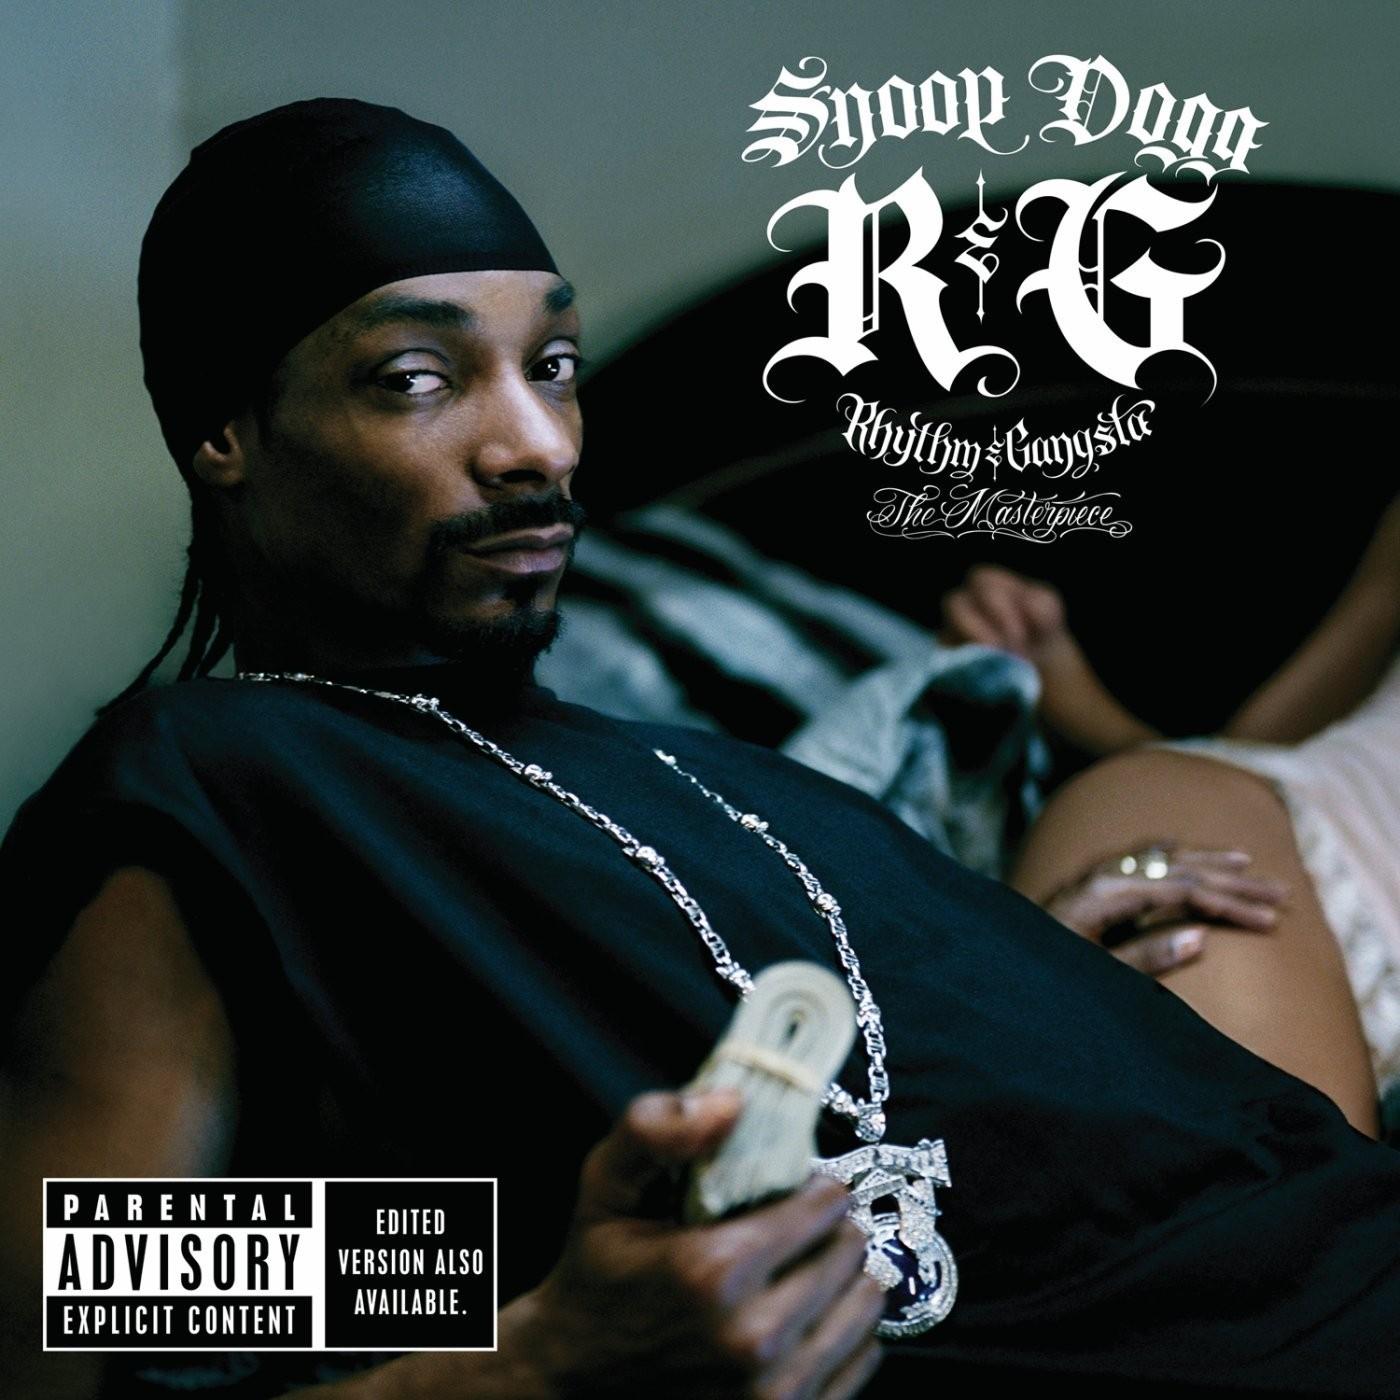 Snoop Dogg - R&G (Rhythm & Gangsta): The Masterpiece 2XLP